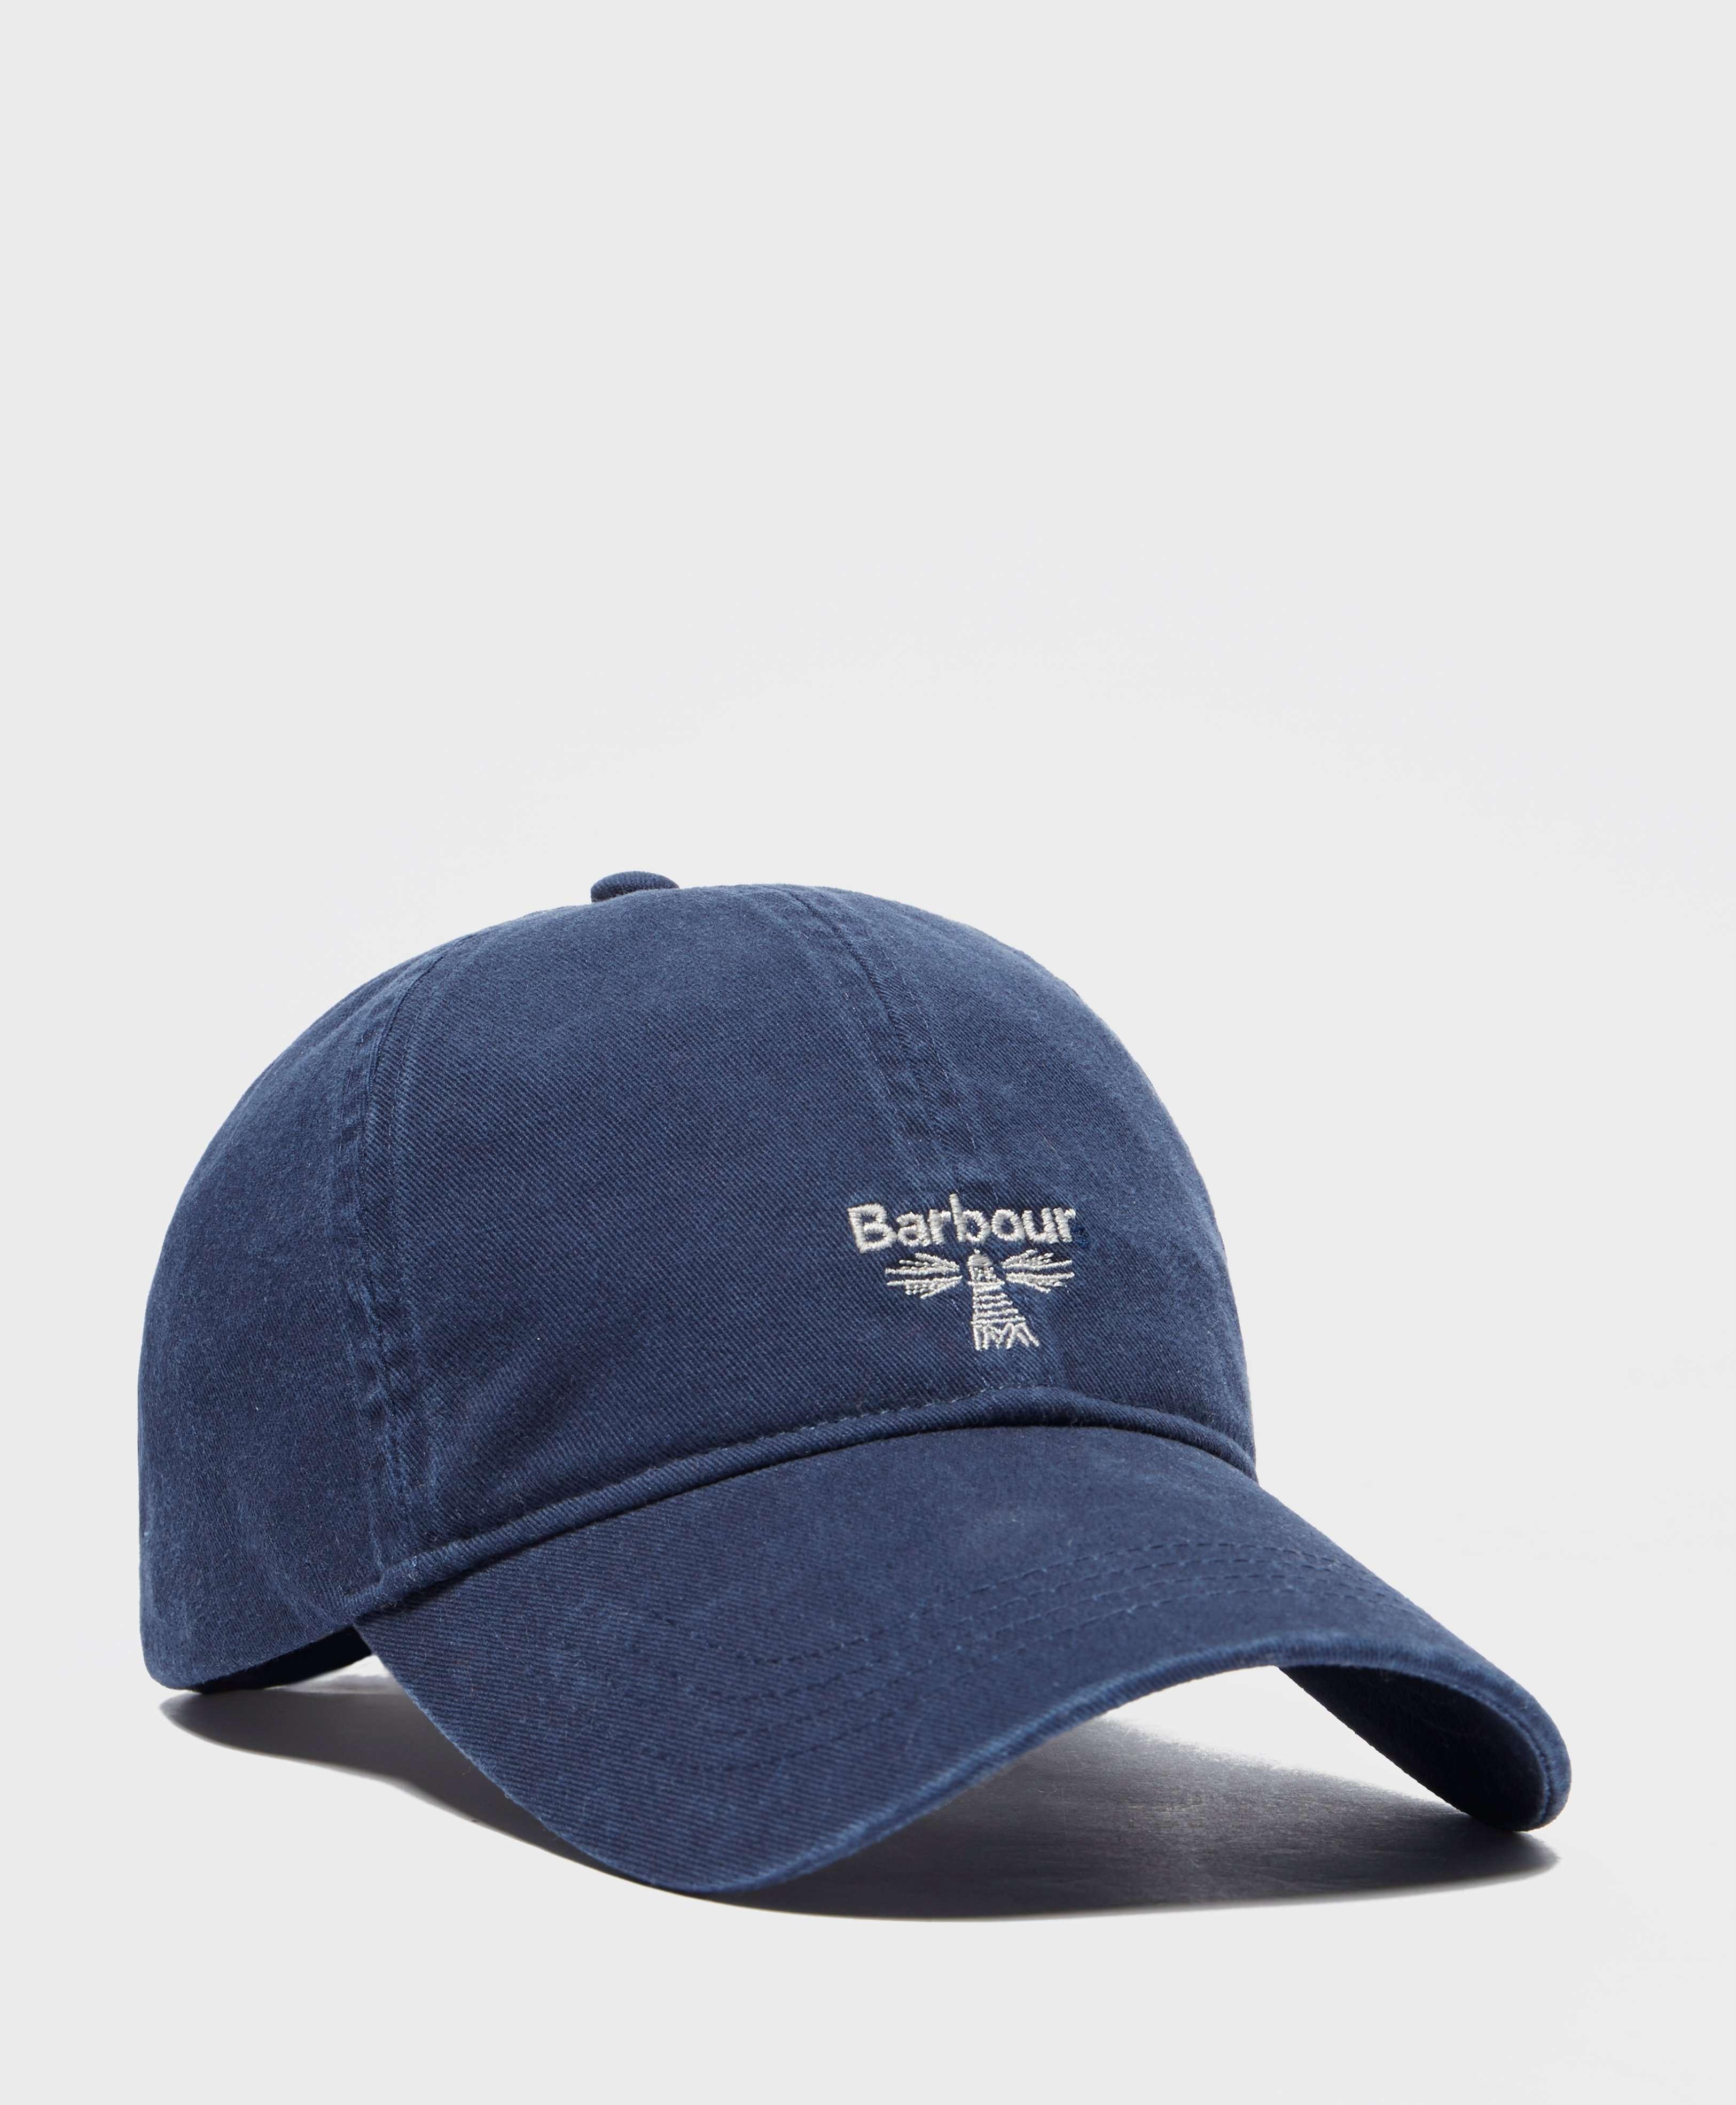 Barbour Beacon Beacon Cap